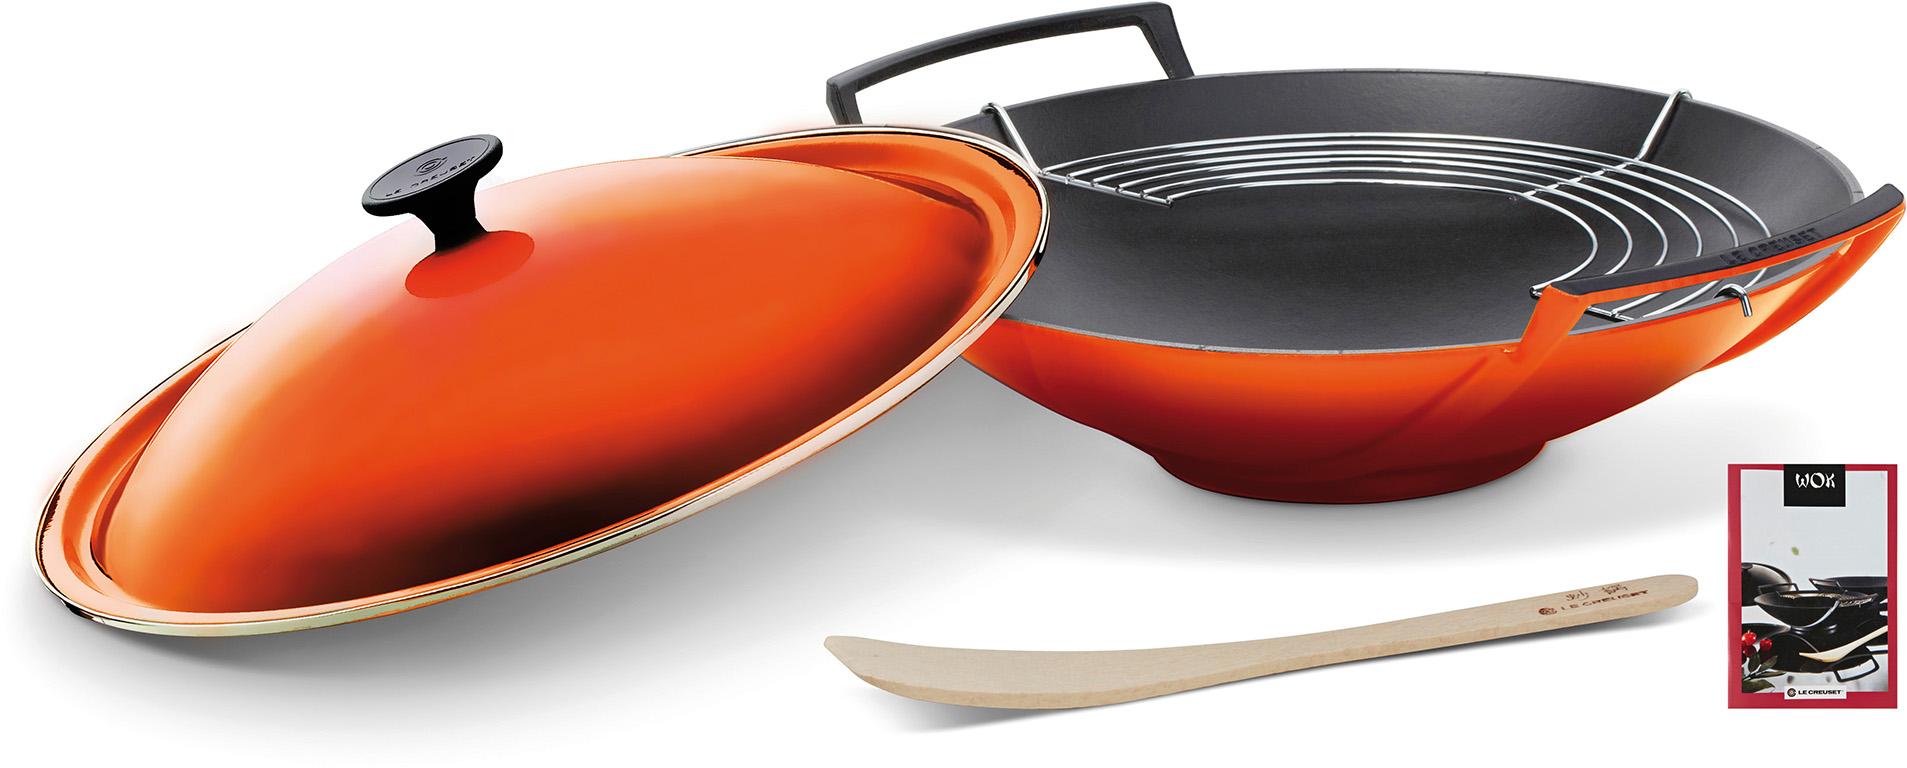 le creuset wok 36 cm 5 tlg ofenrot 26104360900460. Black Bedroom Furniture Sets. Home Design Ideas